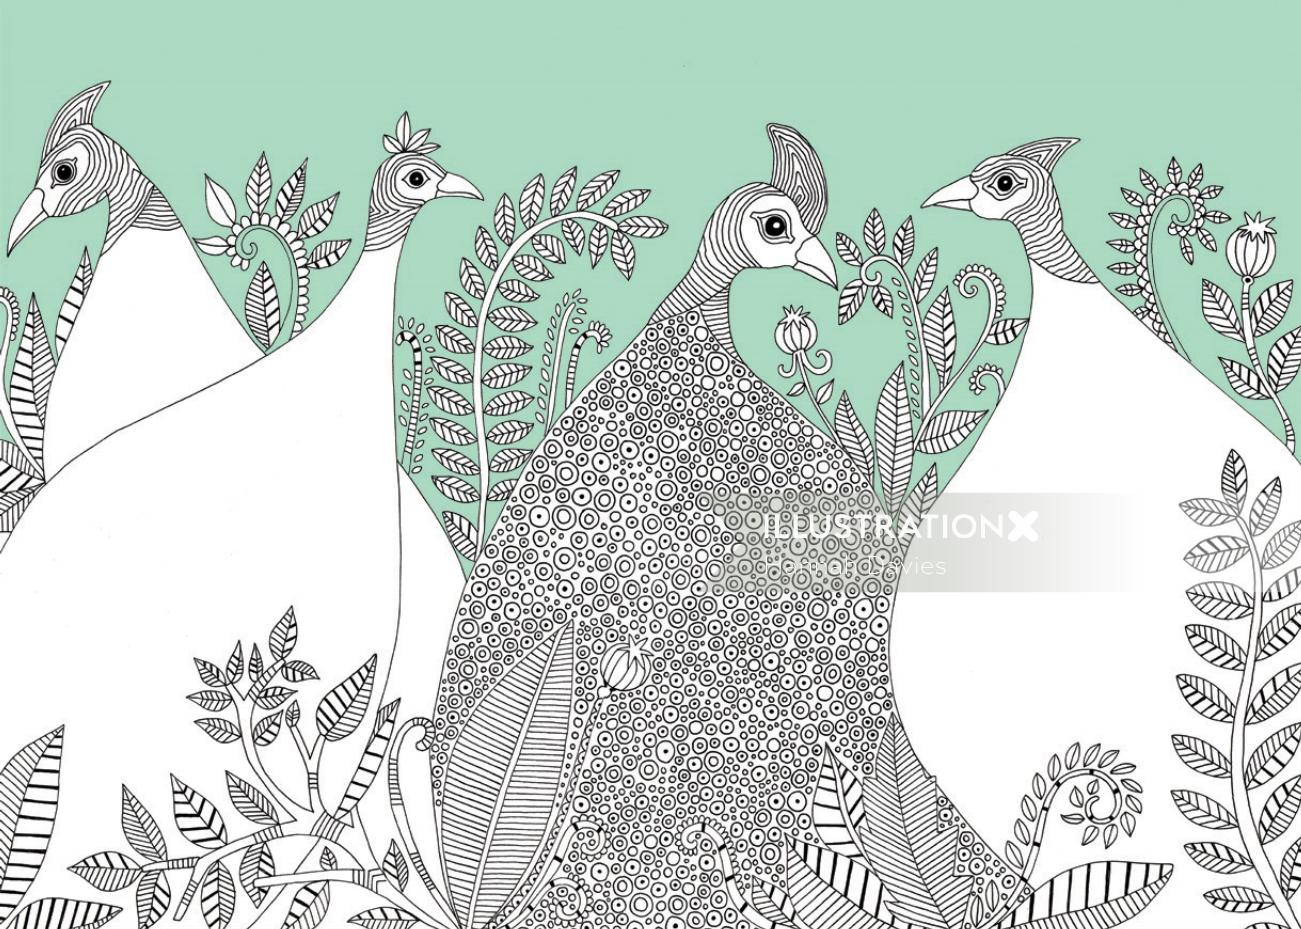 Pencil made bird illustration